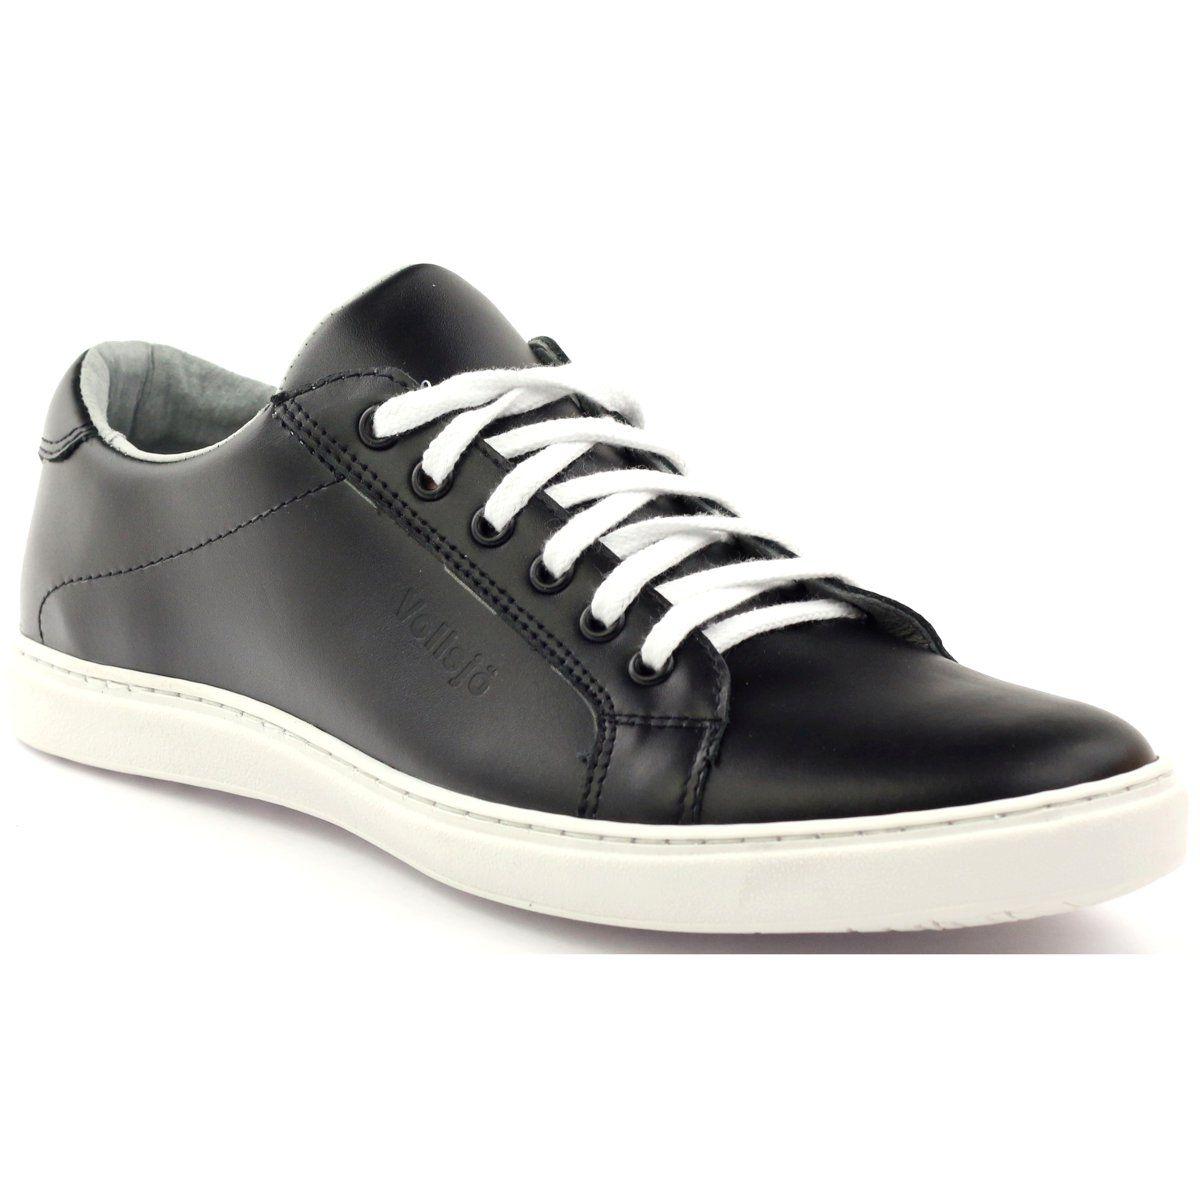 Trampki Czarne Sneakers High Top Sneakers Shoes